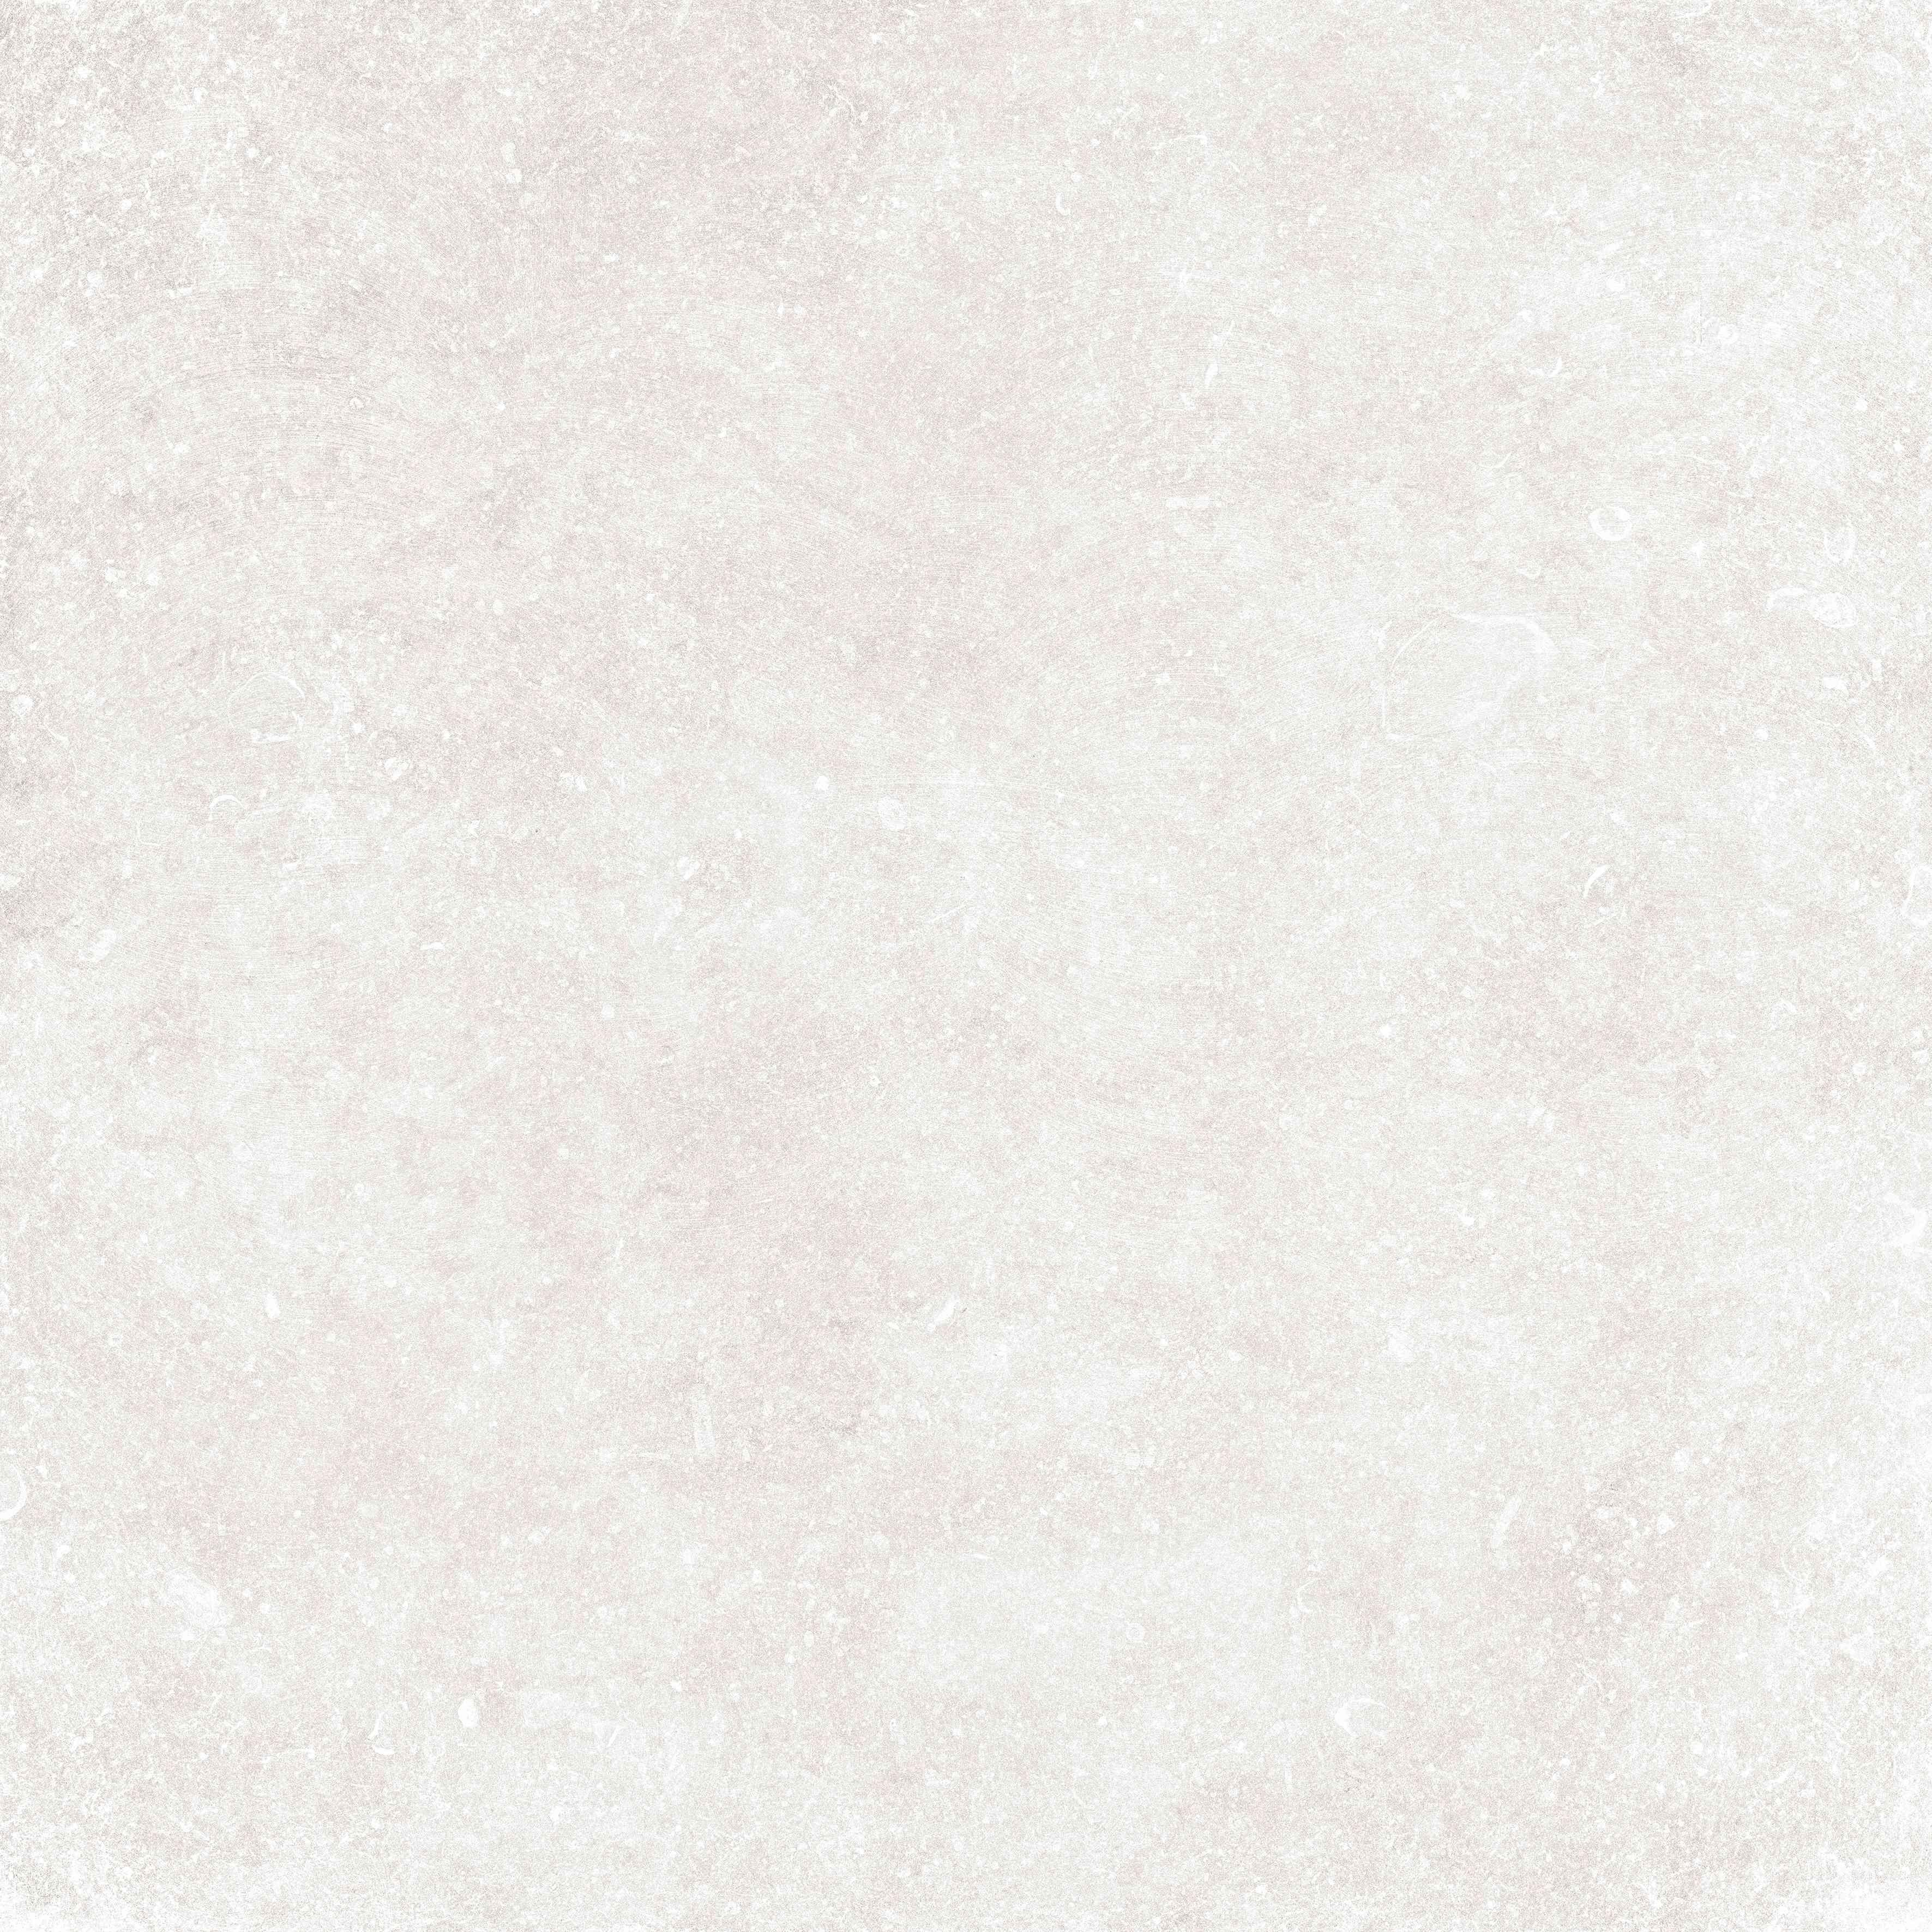 Плитка BIANCO (ZRXPZ1R) изображение 6